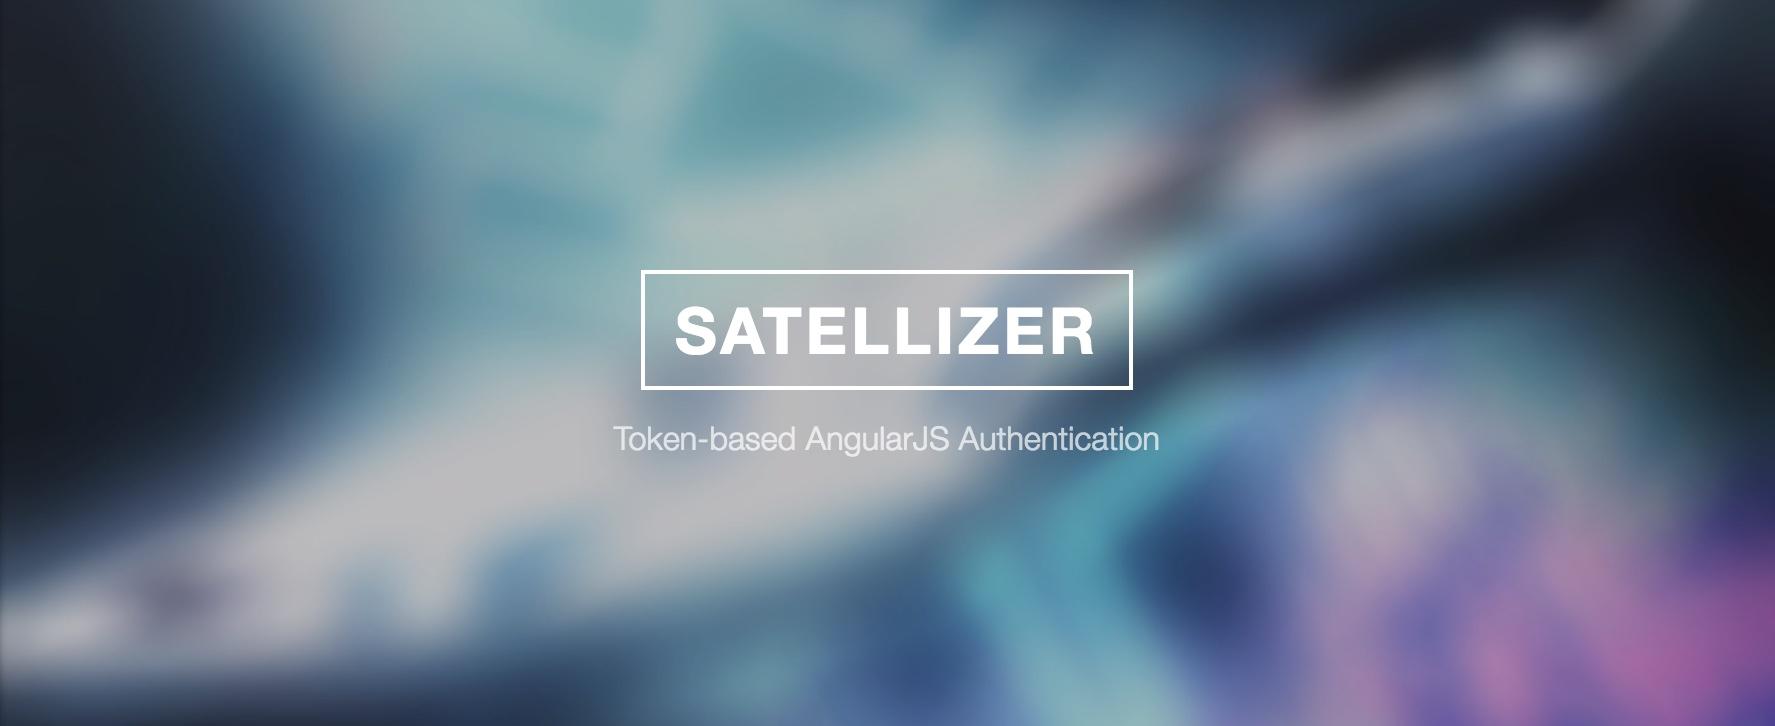 GitHub - sahat/satellizer: Token-based AngularJS Authentication